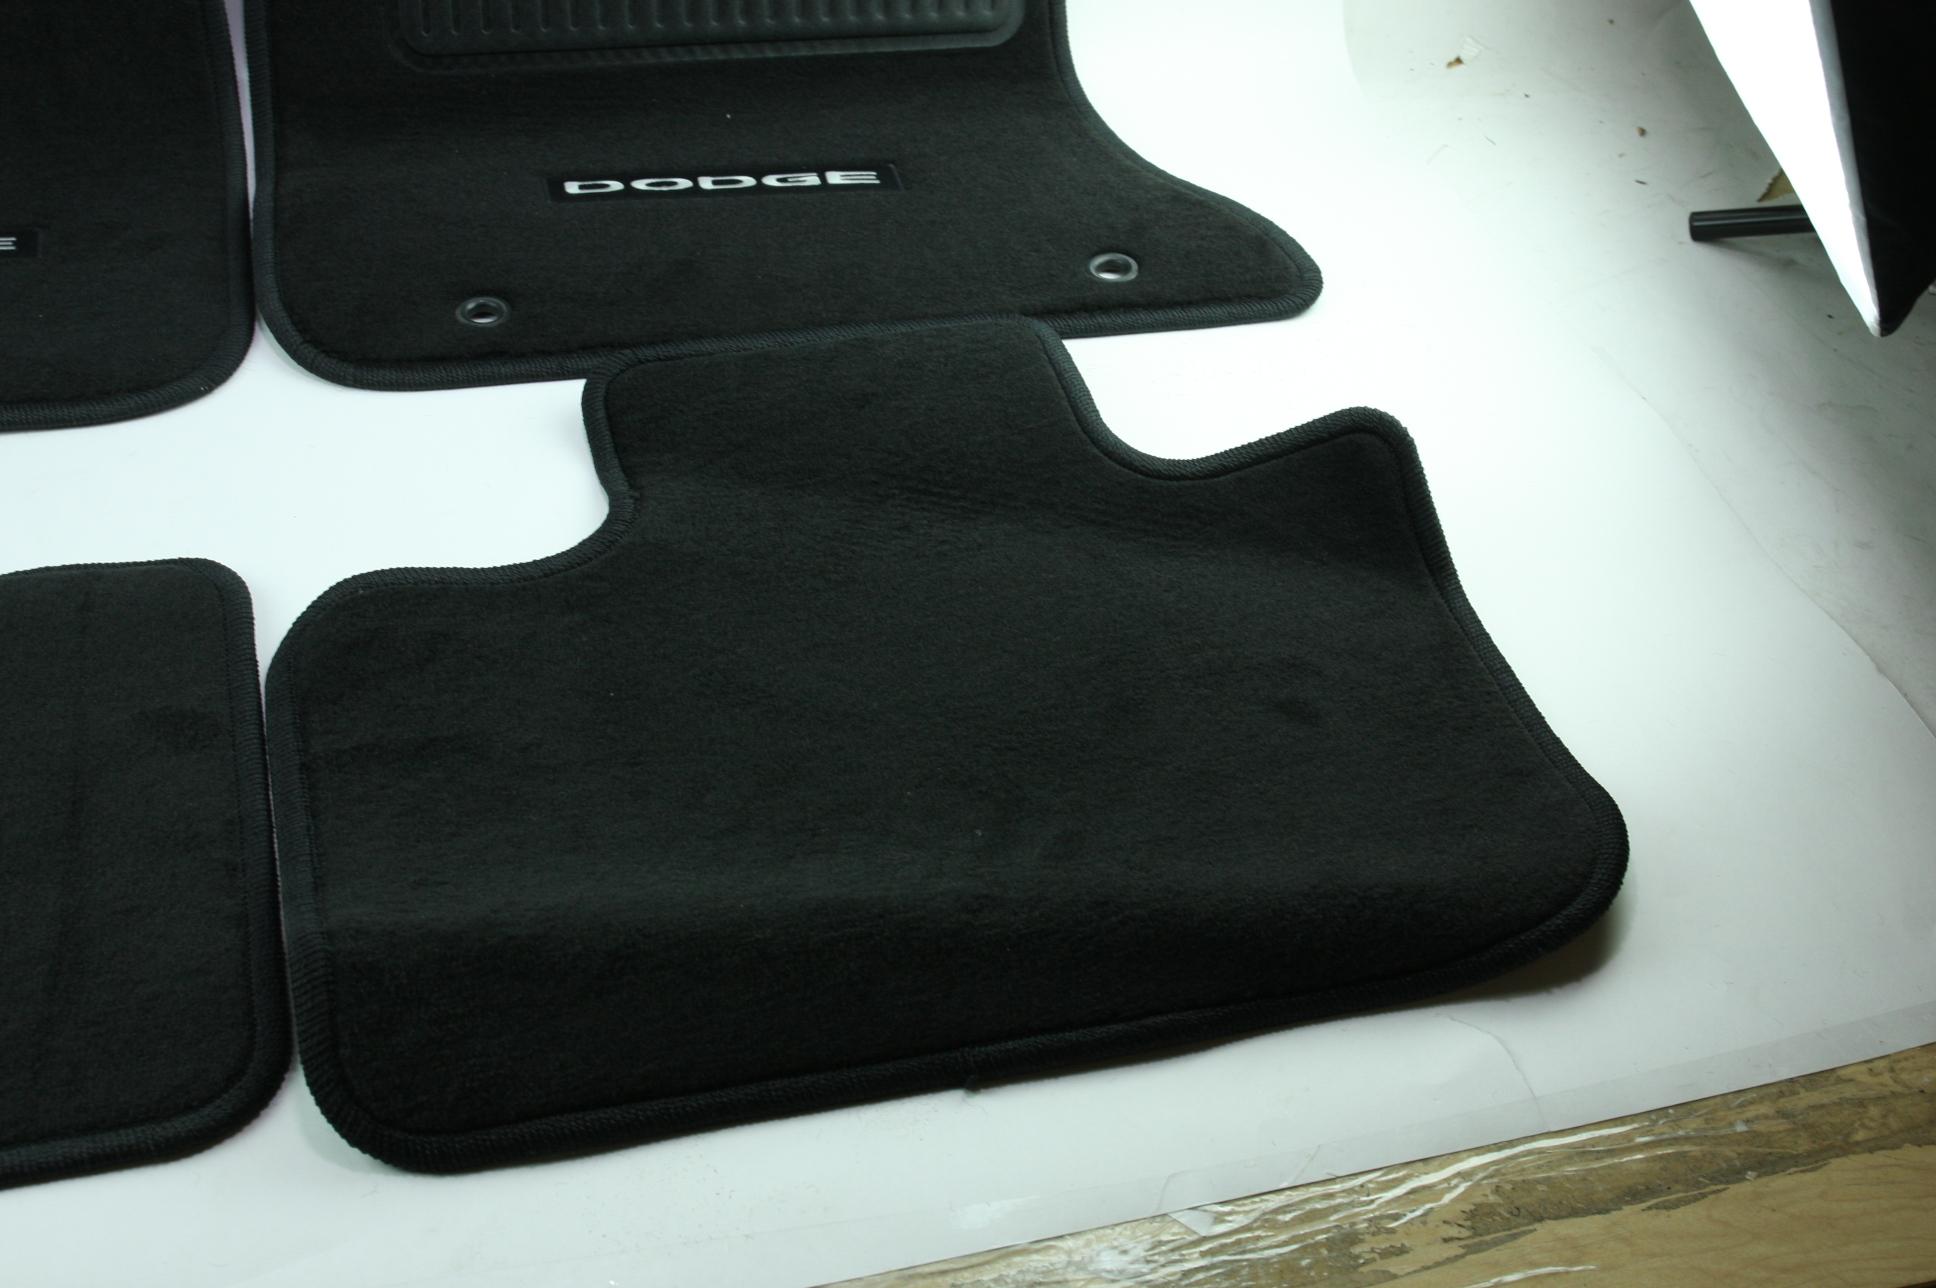 New OEM Genuine Mopar 1NL24DX9AC 11-12 Dodge Charger Mat Kit Front & Rear NIP - image 7